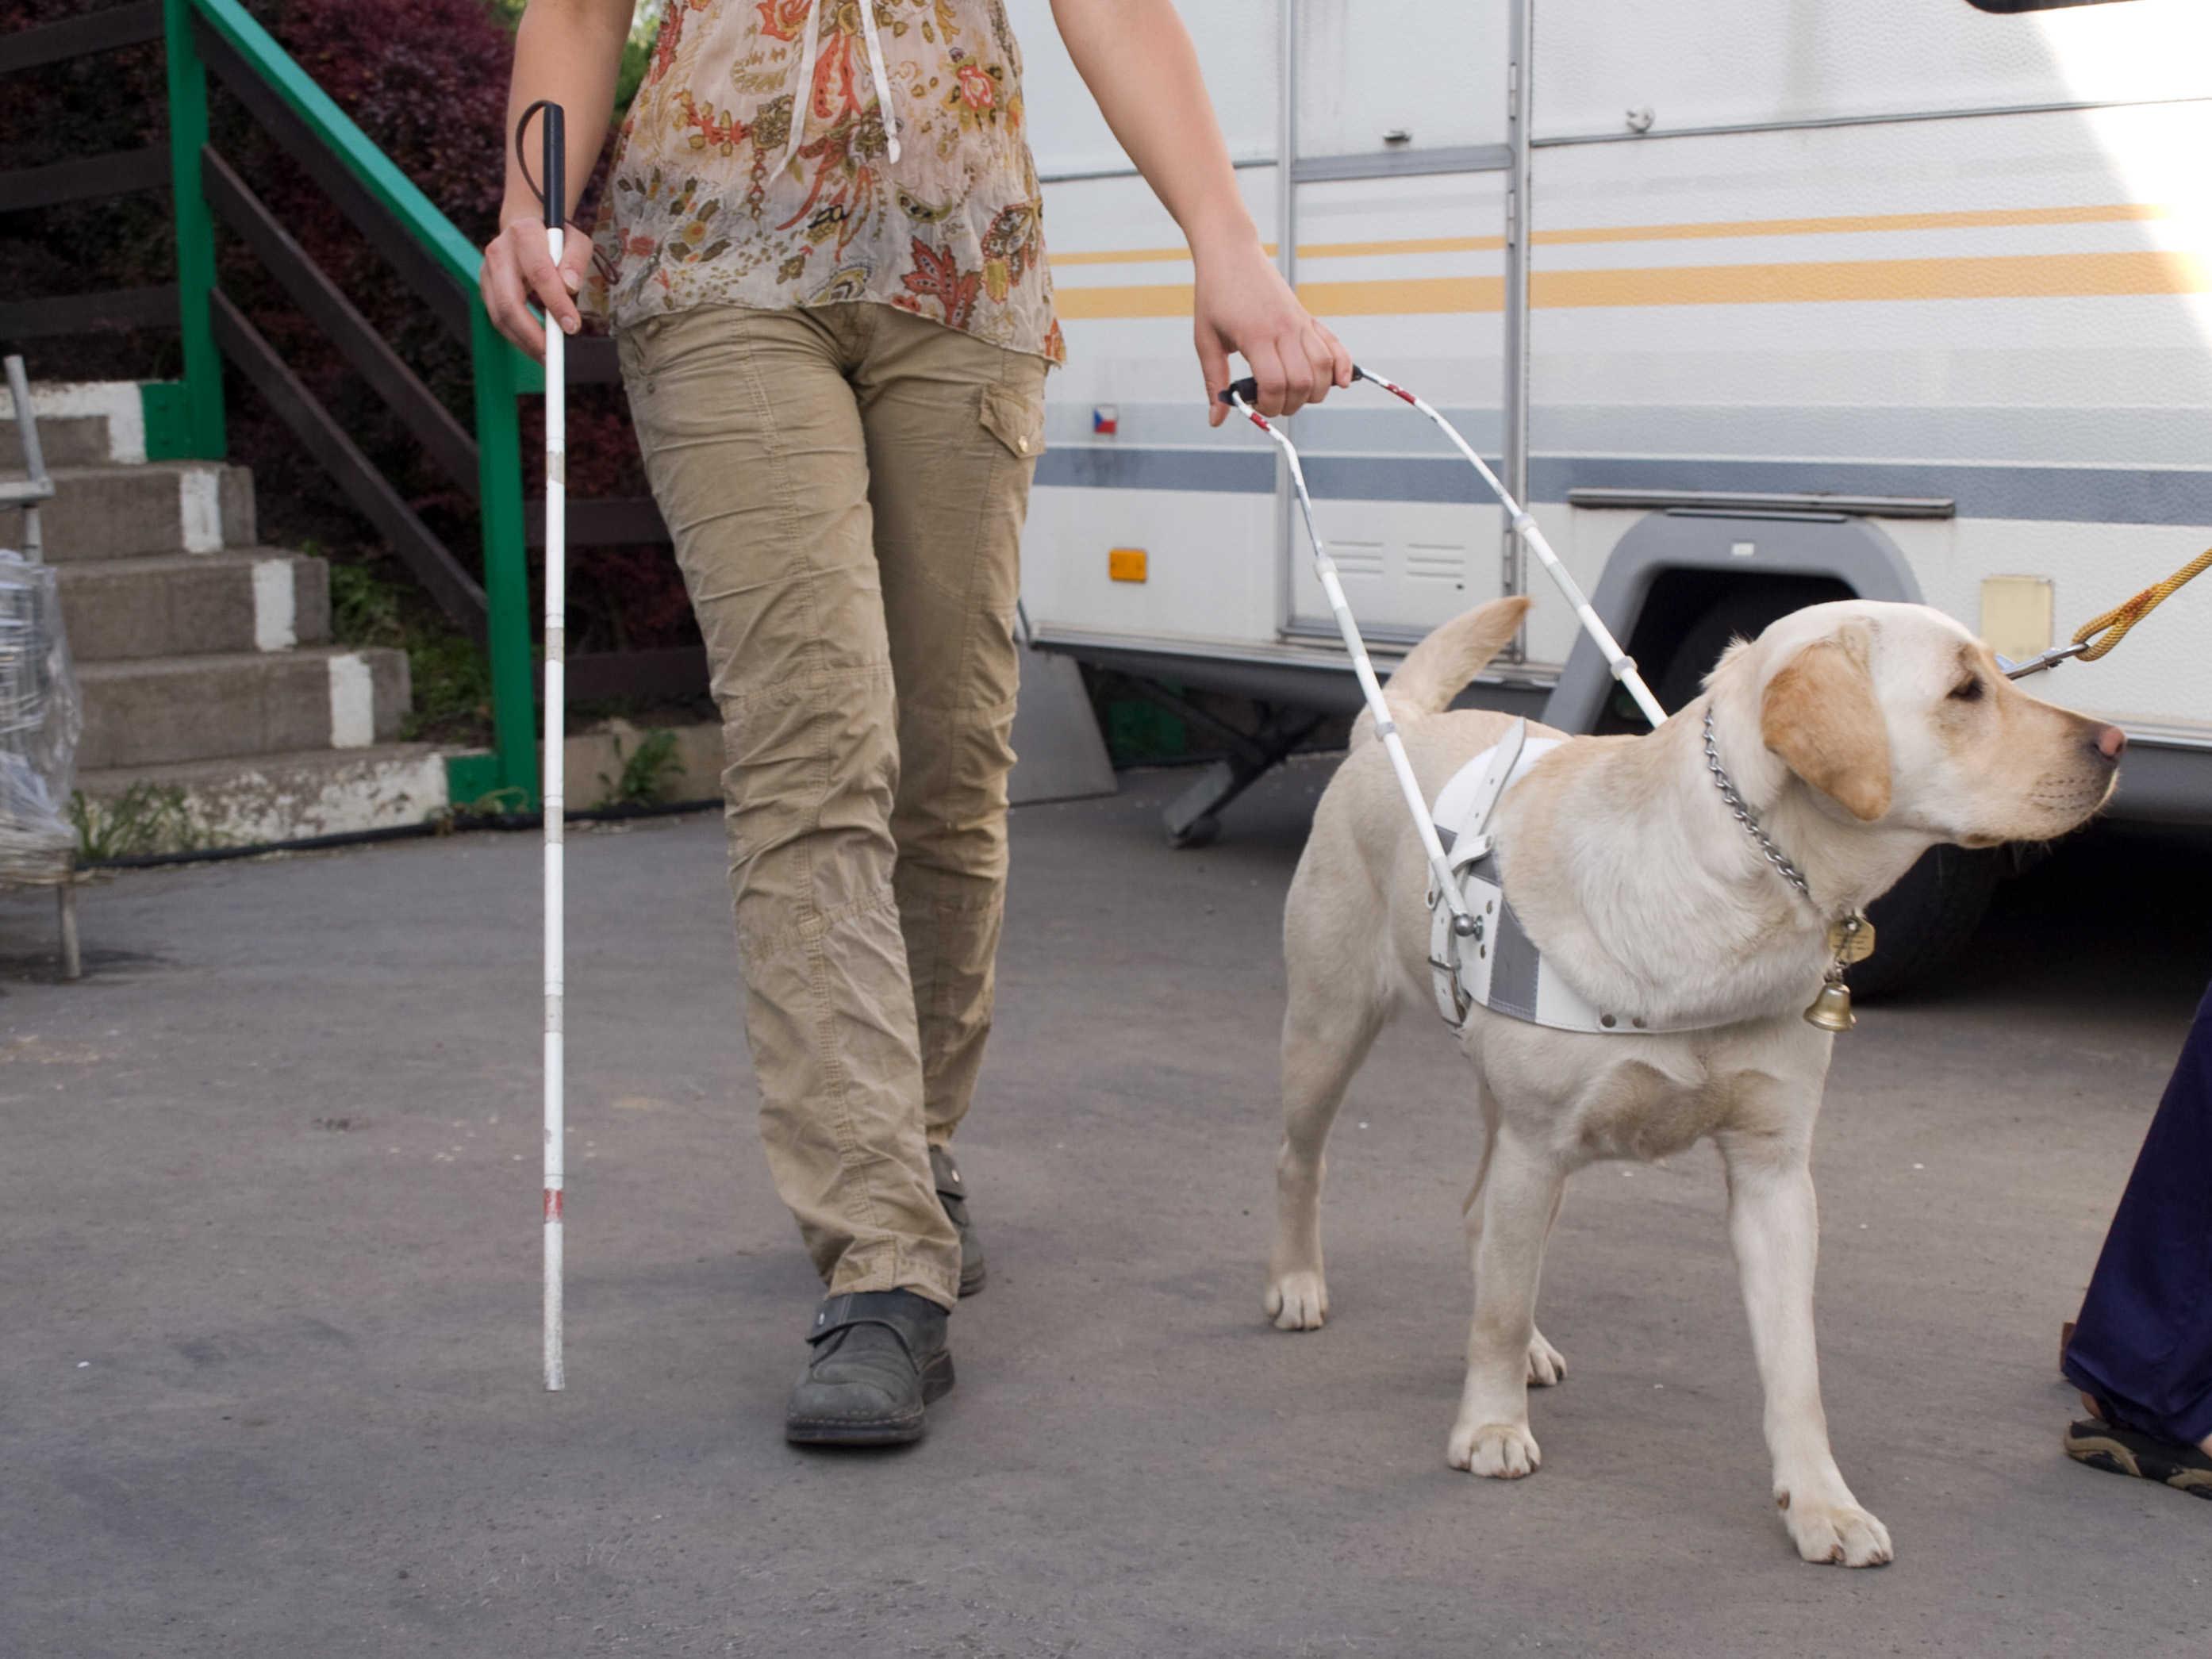 Fonkelnieuw Ik zou zonder blindengeleidehond kunnen, maar ik wil het niet KS-98